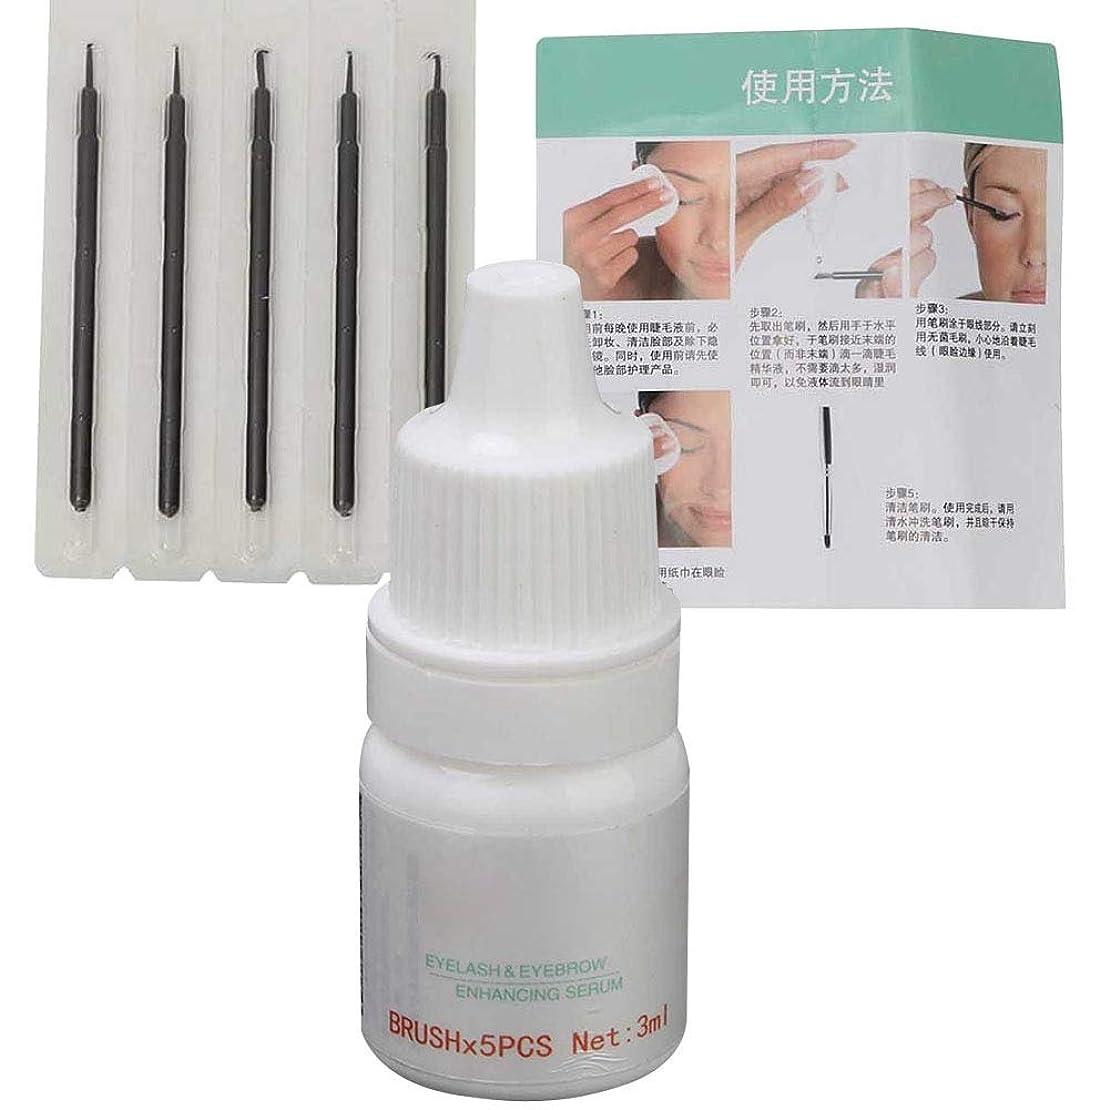 啓示ベアリングサークルそこまつげの成長の液体、より厚いより眉毛のためのより長くより広くよりまつげの増強物の養う血清